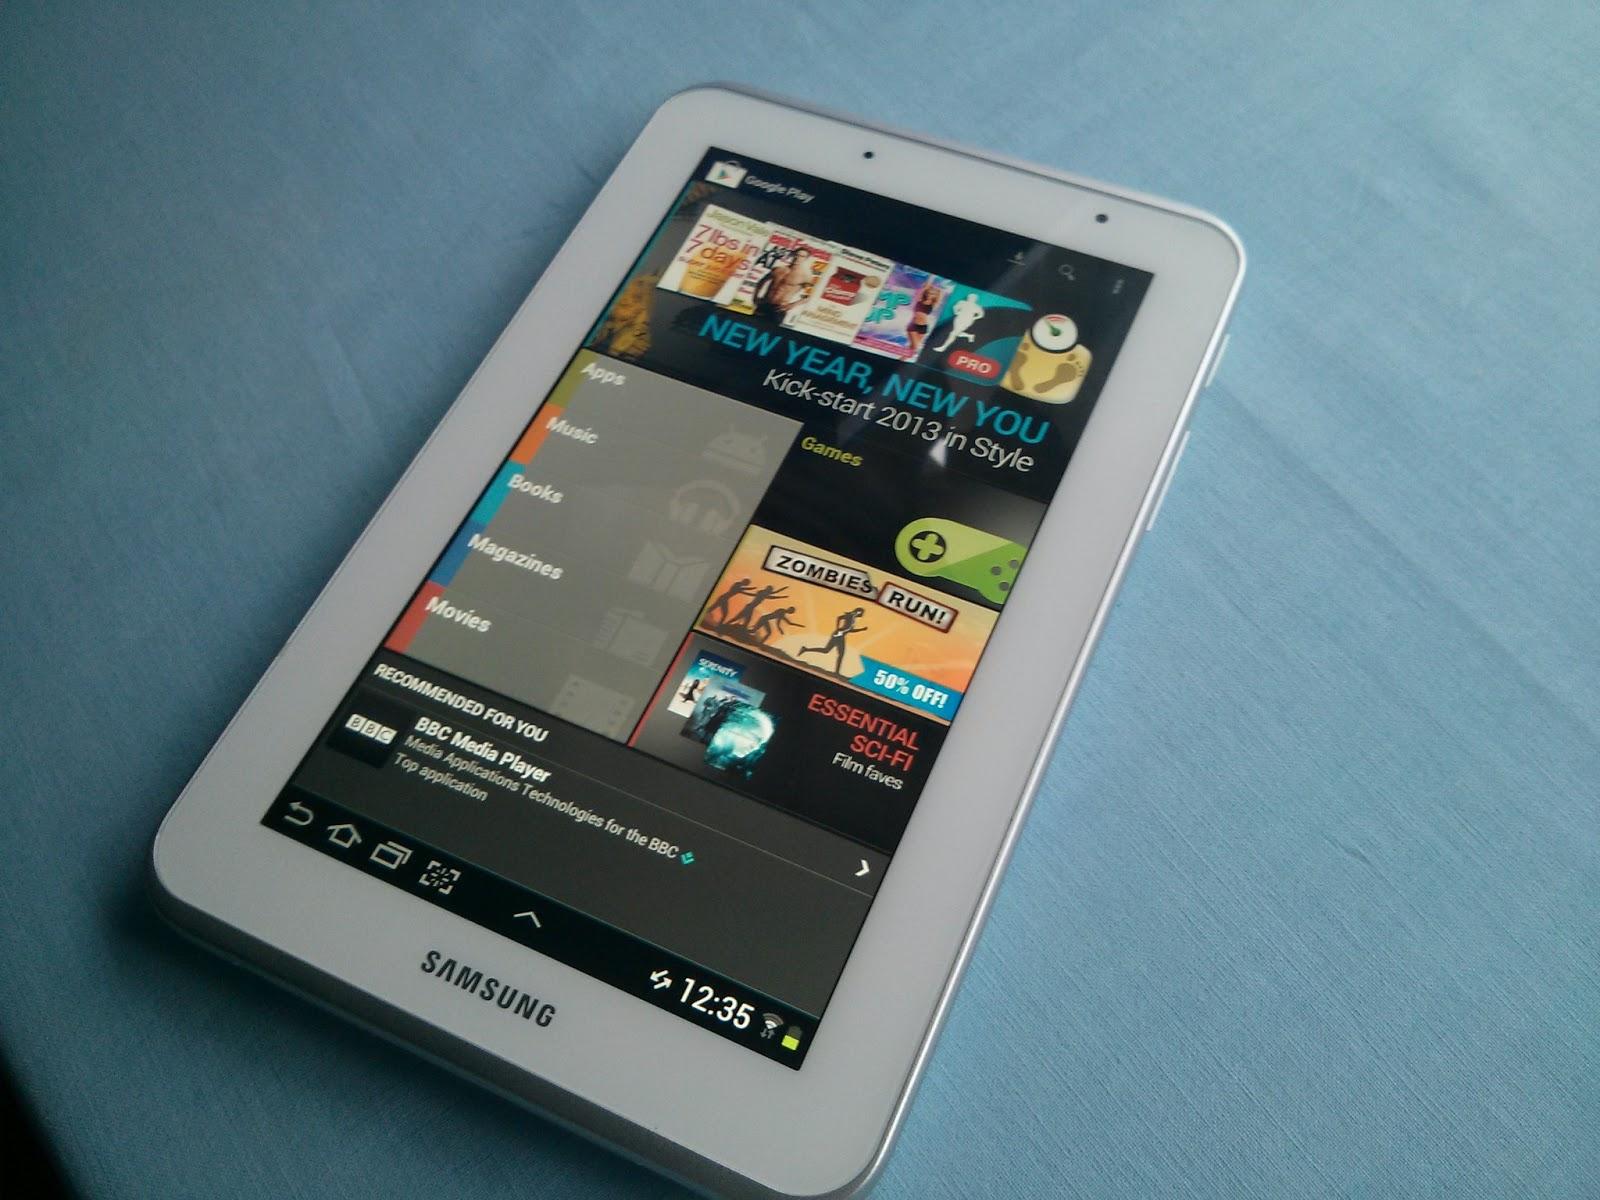 http://3.bp.blogspot.com/-thTXomax0wA/UPBvl_TifVI/AAAAAAAAIyQ/JNfbYqmu0p4/s1600/Galaxy+Tab+2+7.0+Review+%25285%2529.jpg